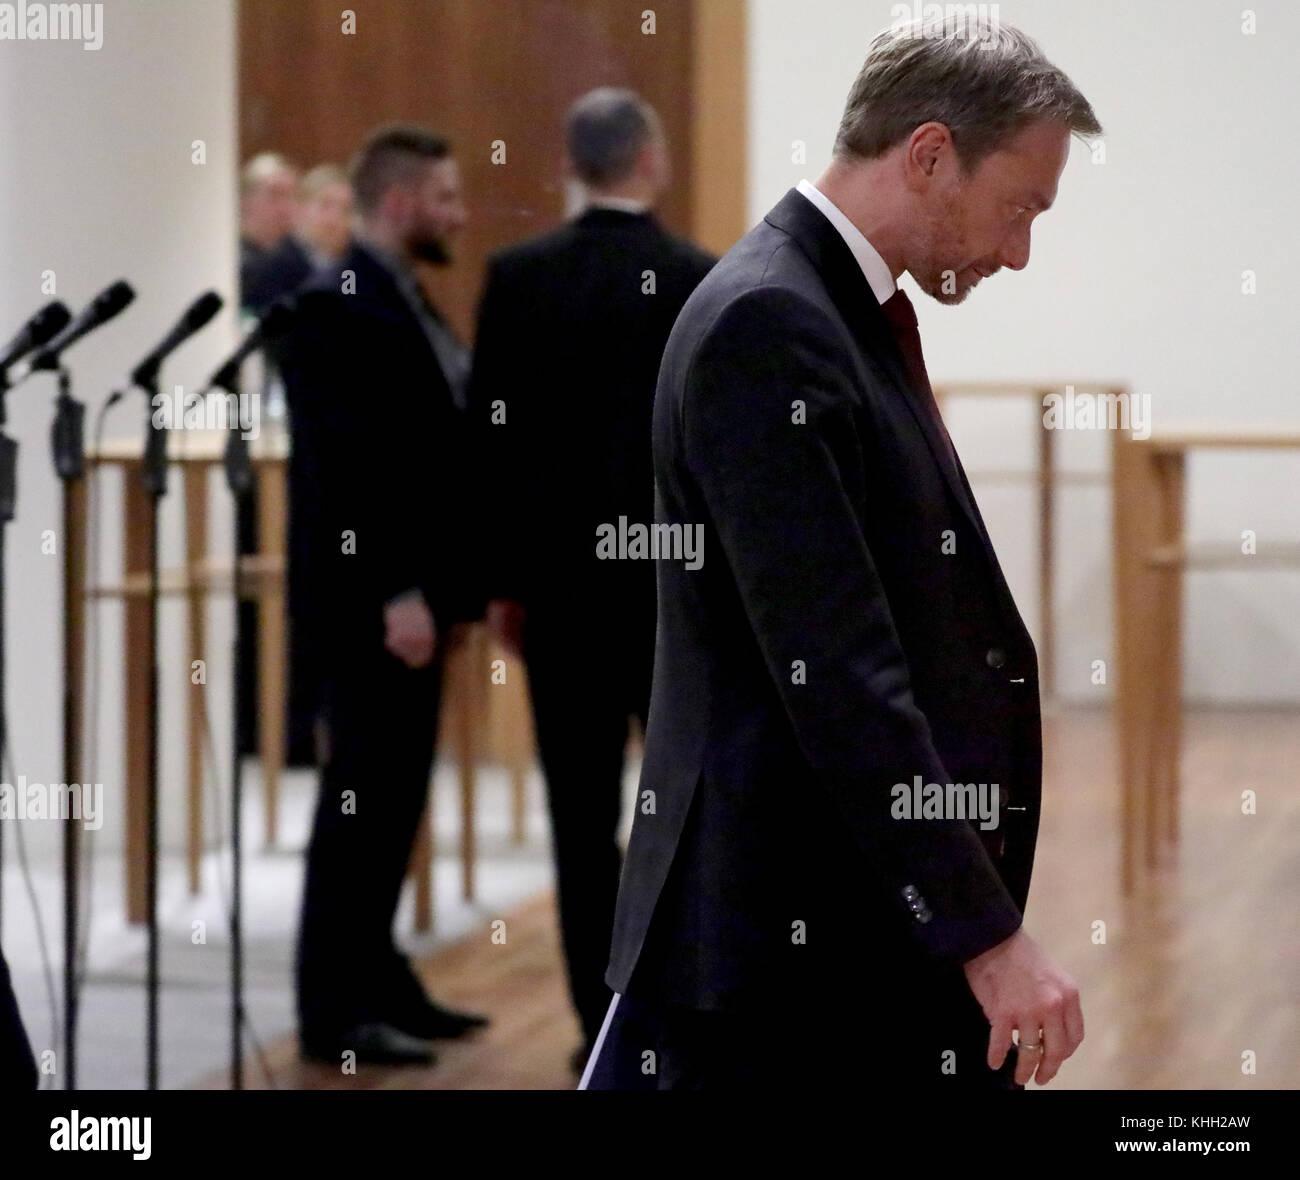 Berlin, Deutschland. 19 Nov, 2017. Der FDP-Vorsitzende Christian Lindner Spaziergänge auf dem Flur der Vertretung Stockbild